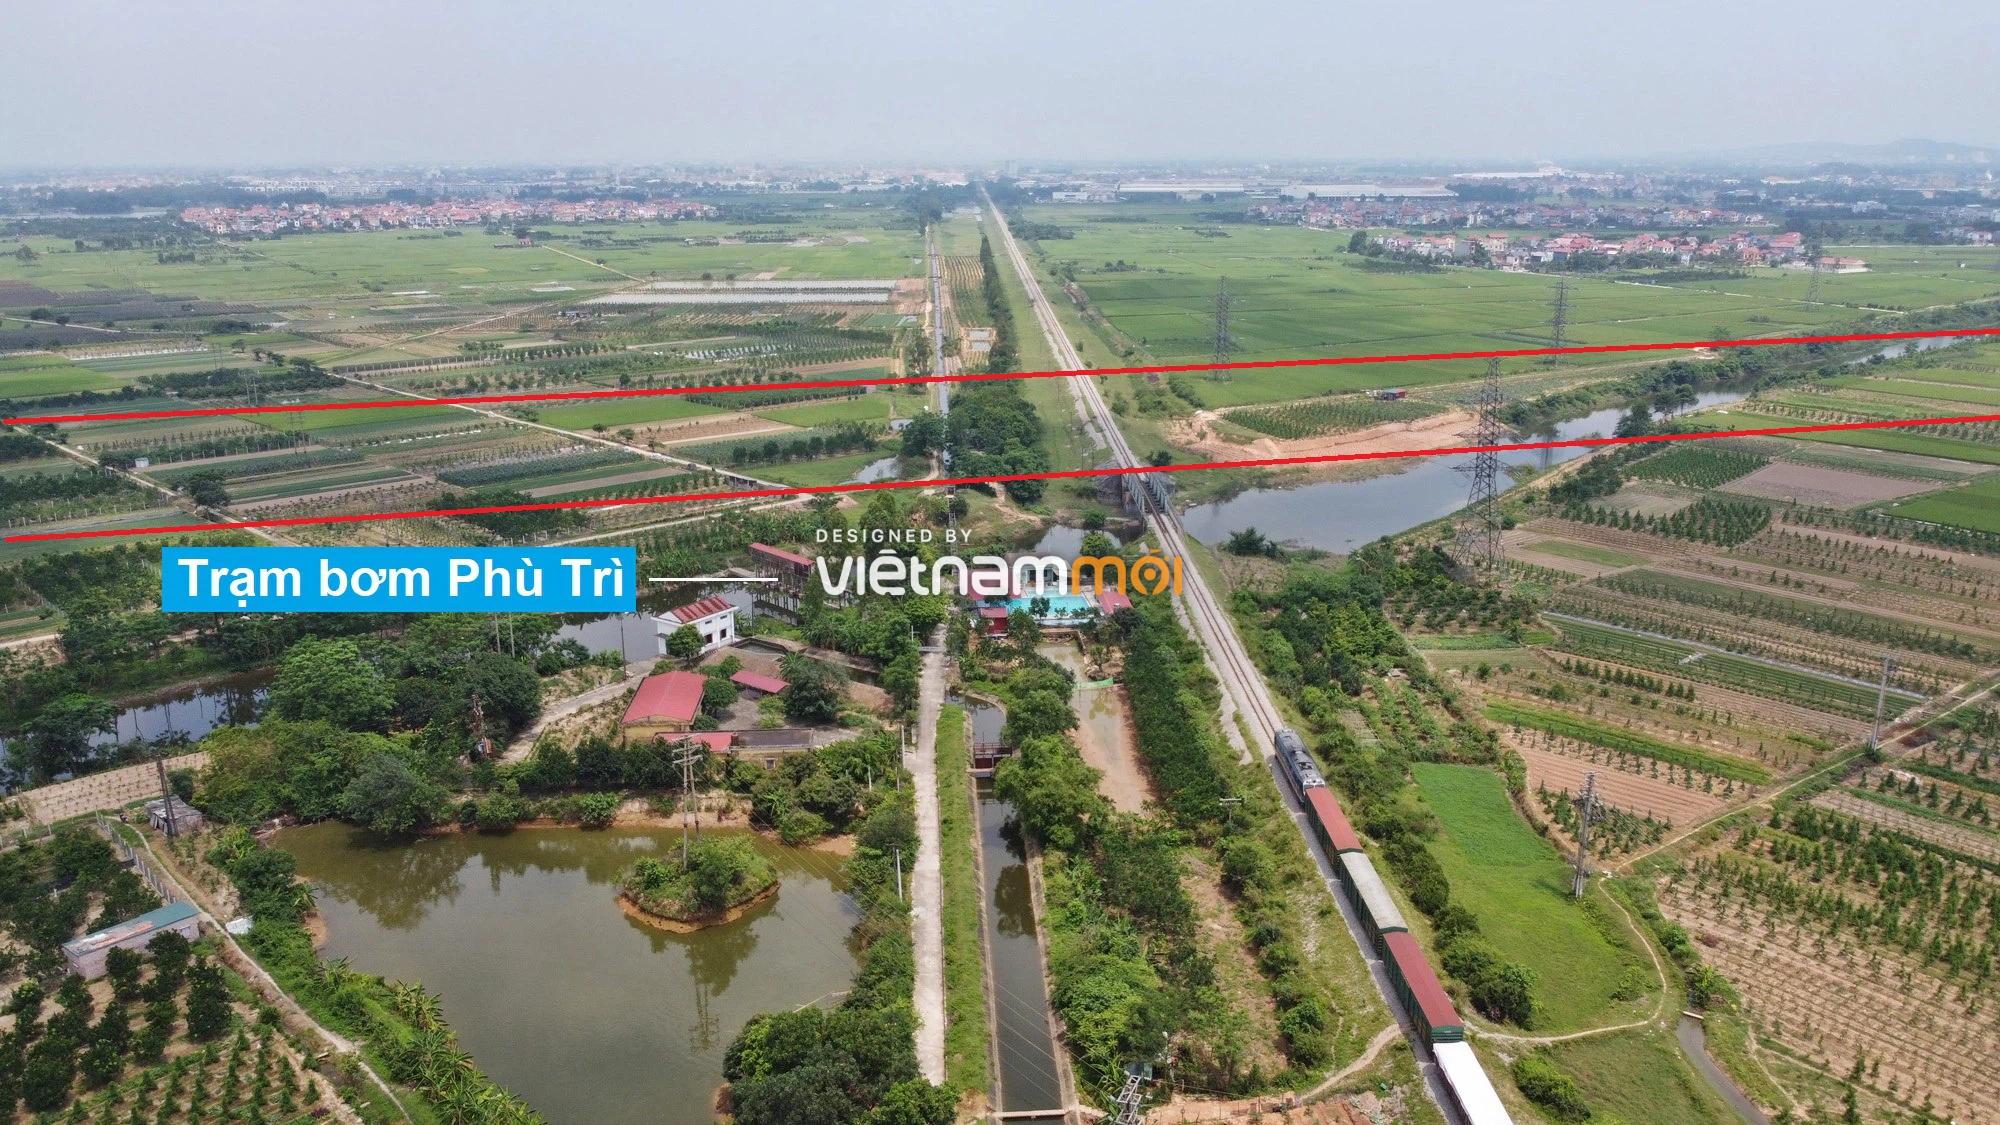 Đường Vành đai 4 sẽ mở theo quy hoạch qua huyện Mê Linh, Hà Nội - Ảnh 11.